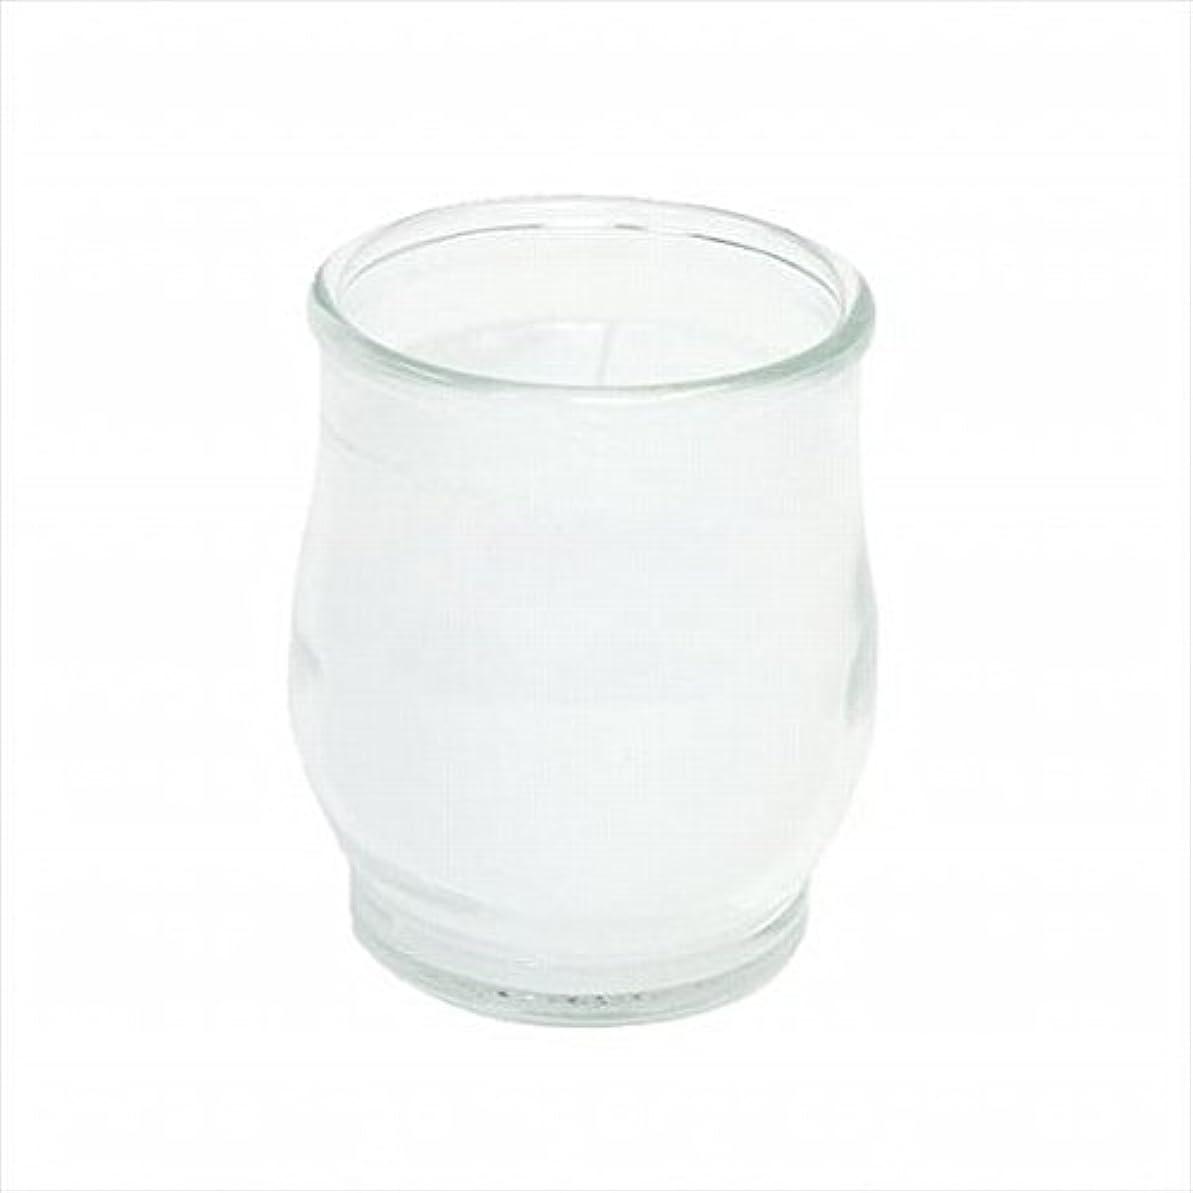 潜水艦説明飢饉kameyama candle(カメヤマキャンドル) ポシェ(非常用コップローソク) 「 クリア 」 キャンドル 68x68x80mm (73020000C)